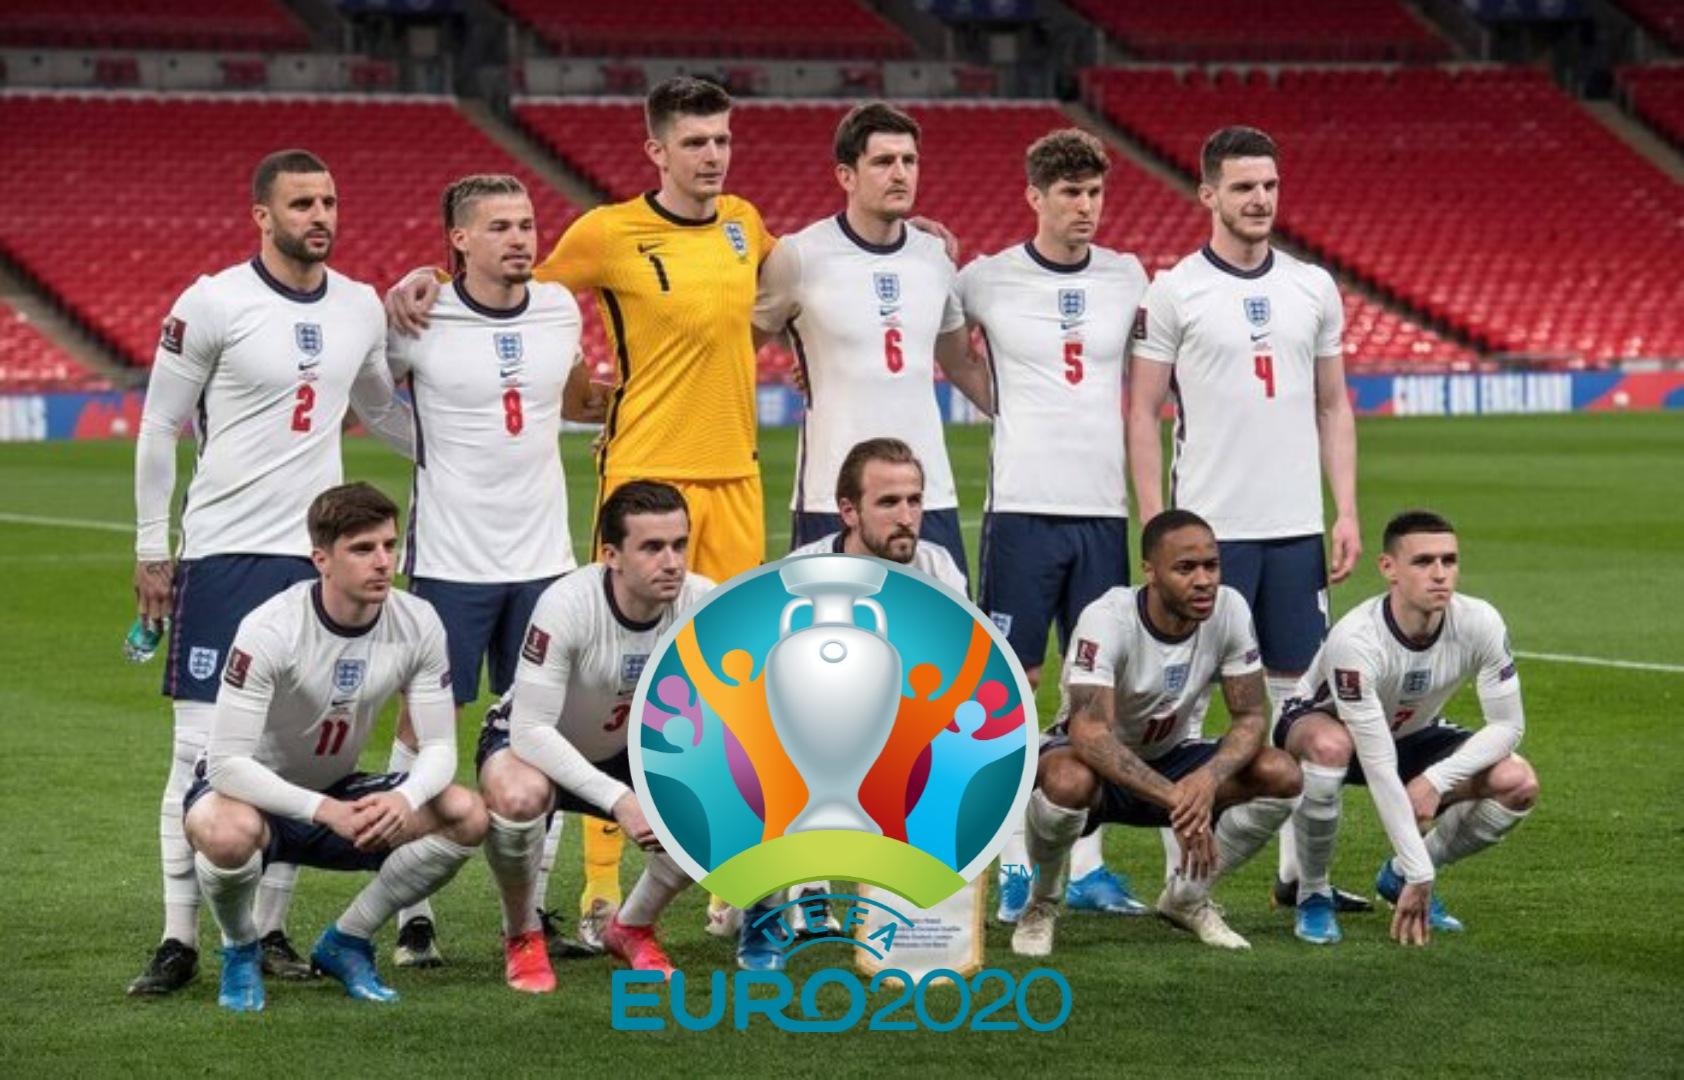 Senarai Rasmi Pemain England EURO 2020